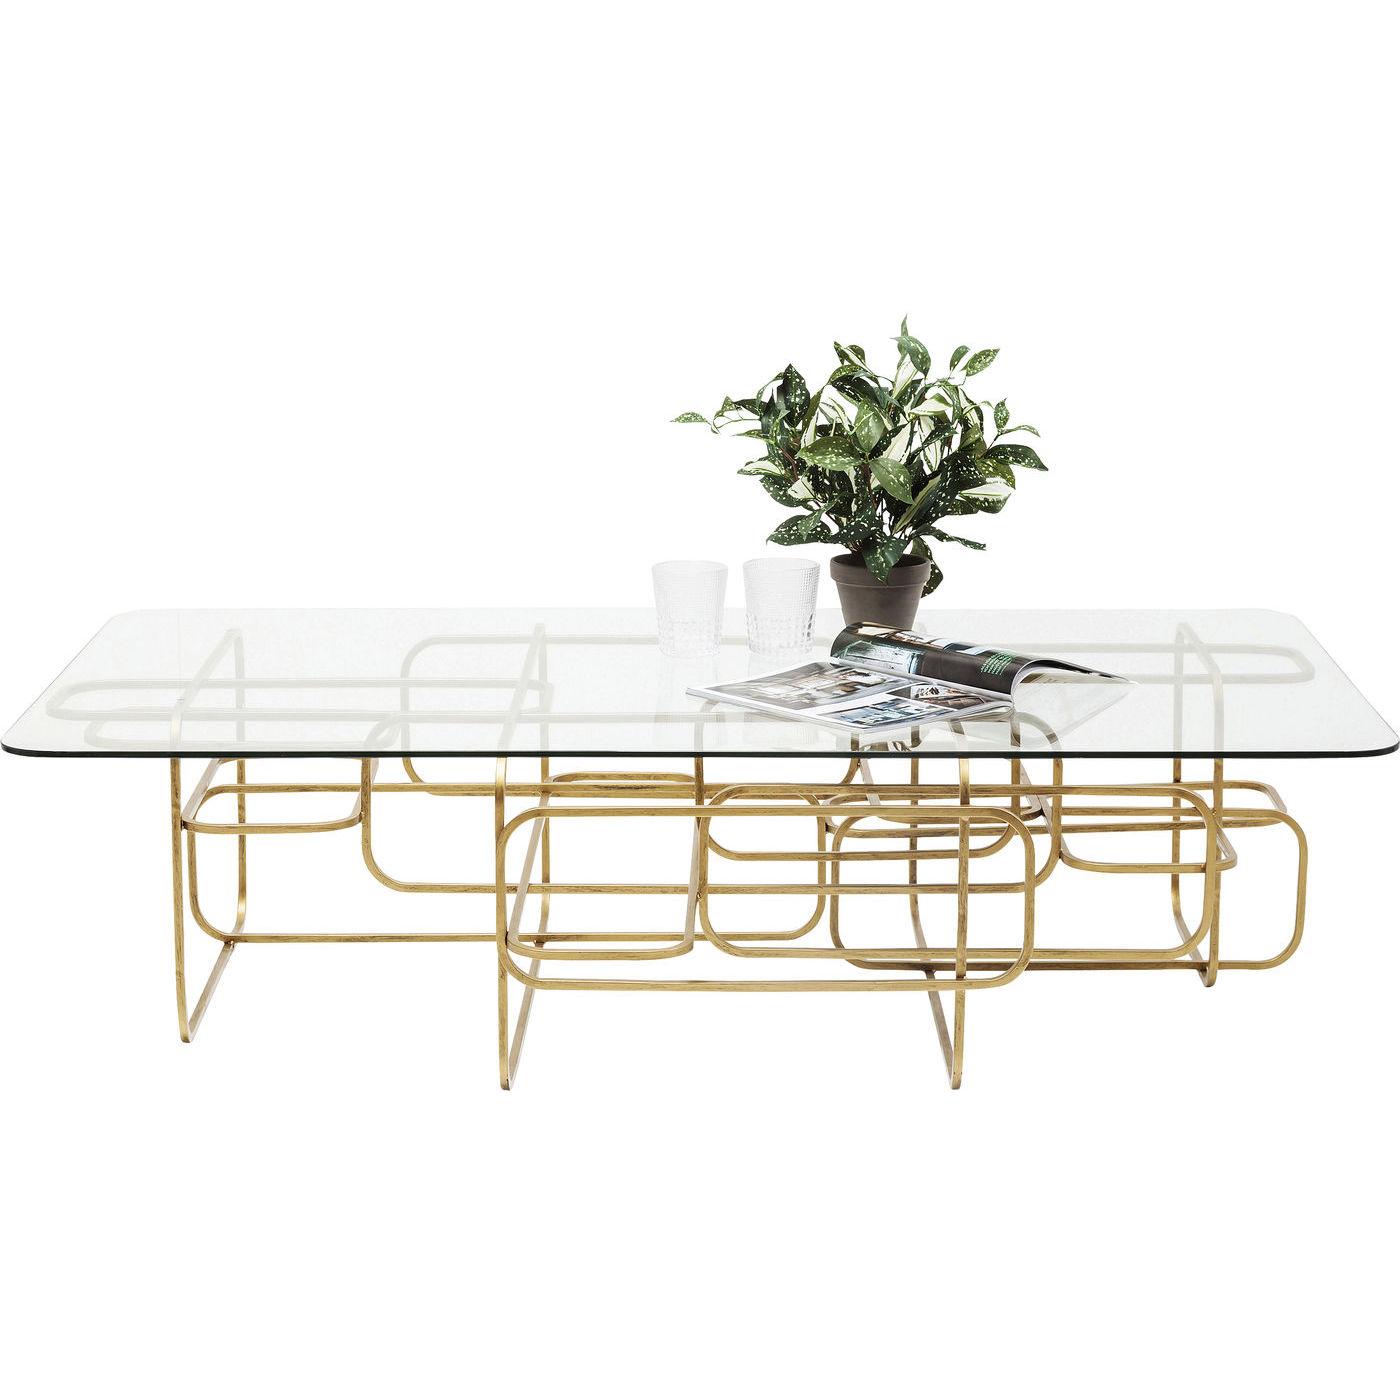 KARE DESIGN Meander Gold sofabord - glas og guld stål (140x80)